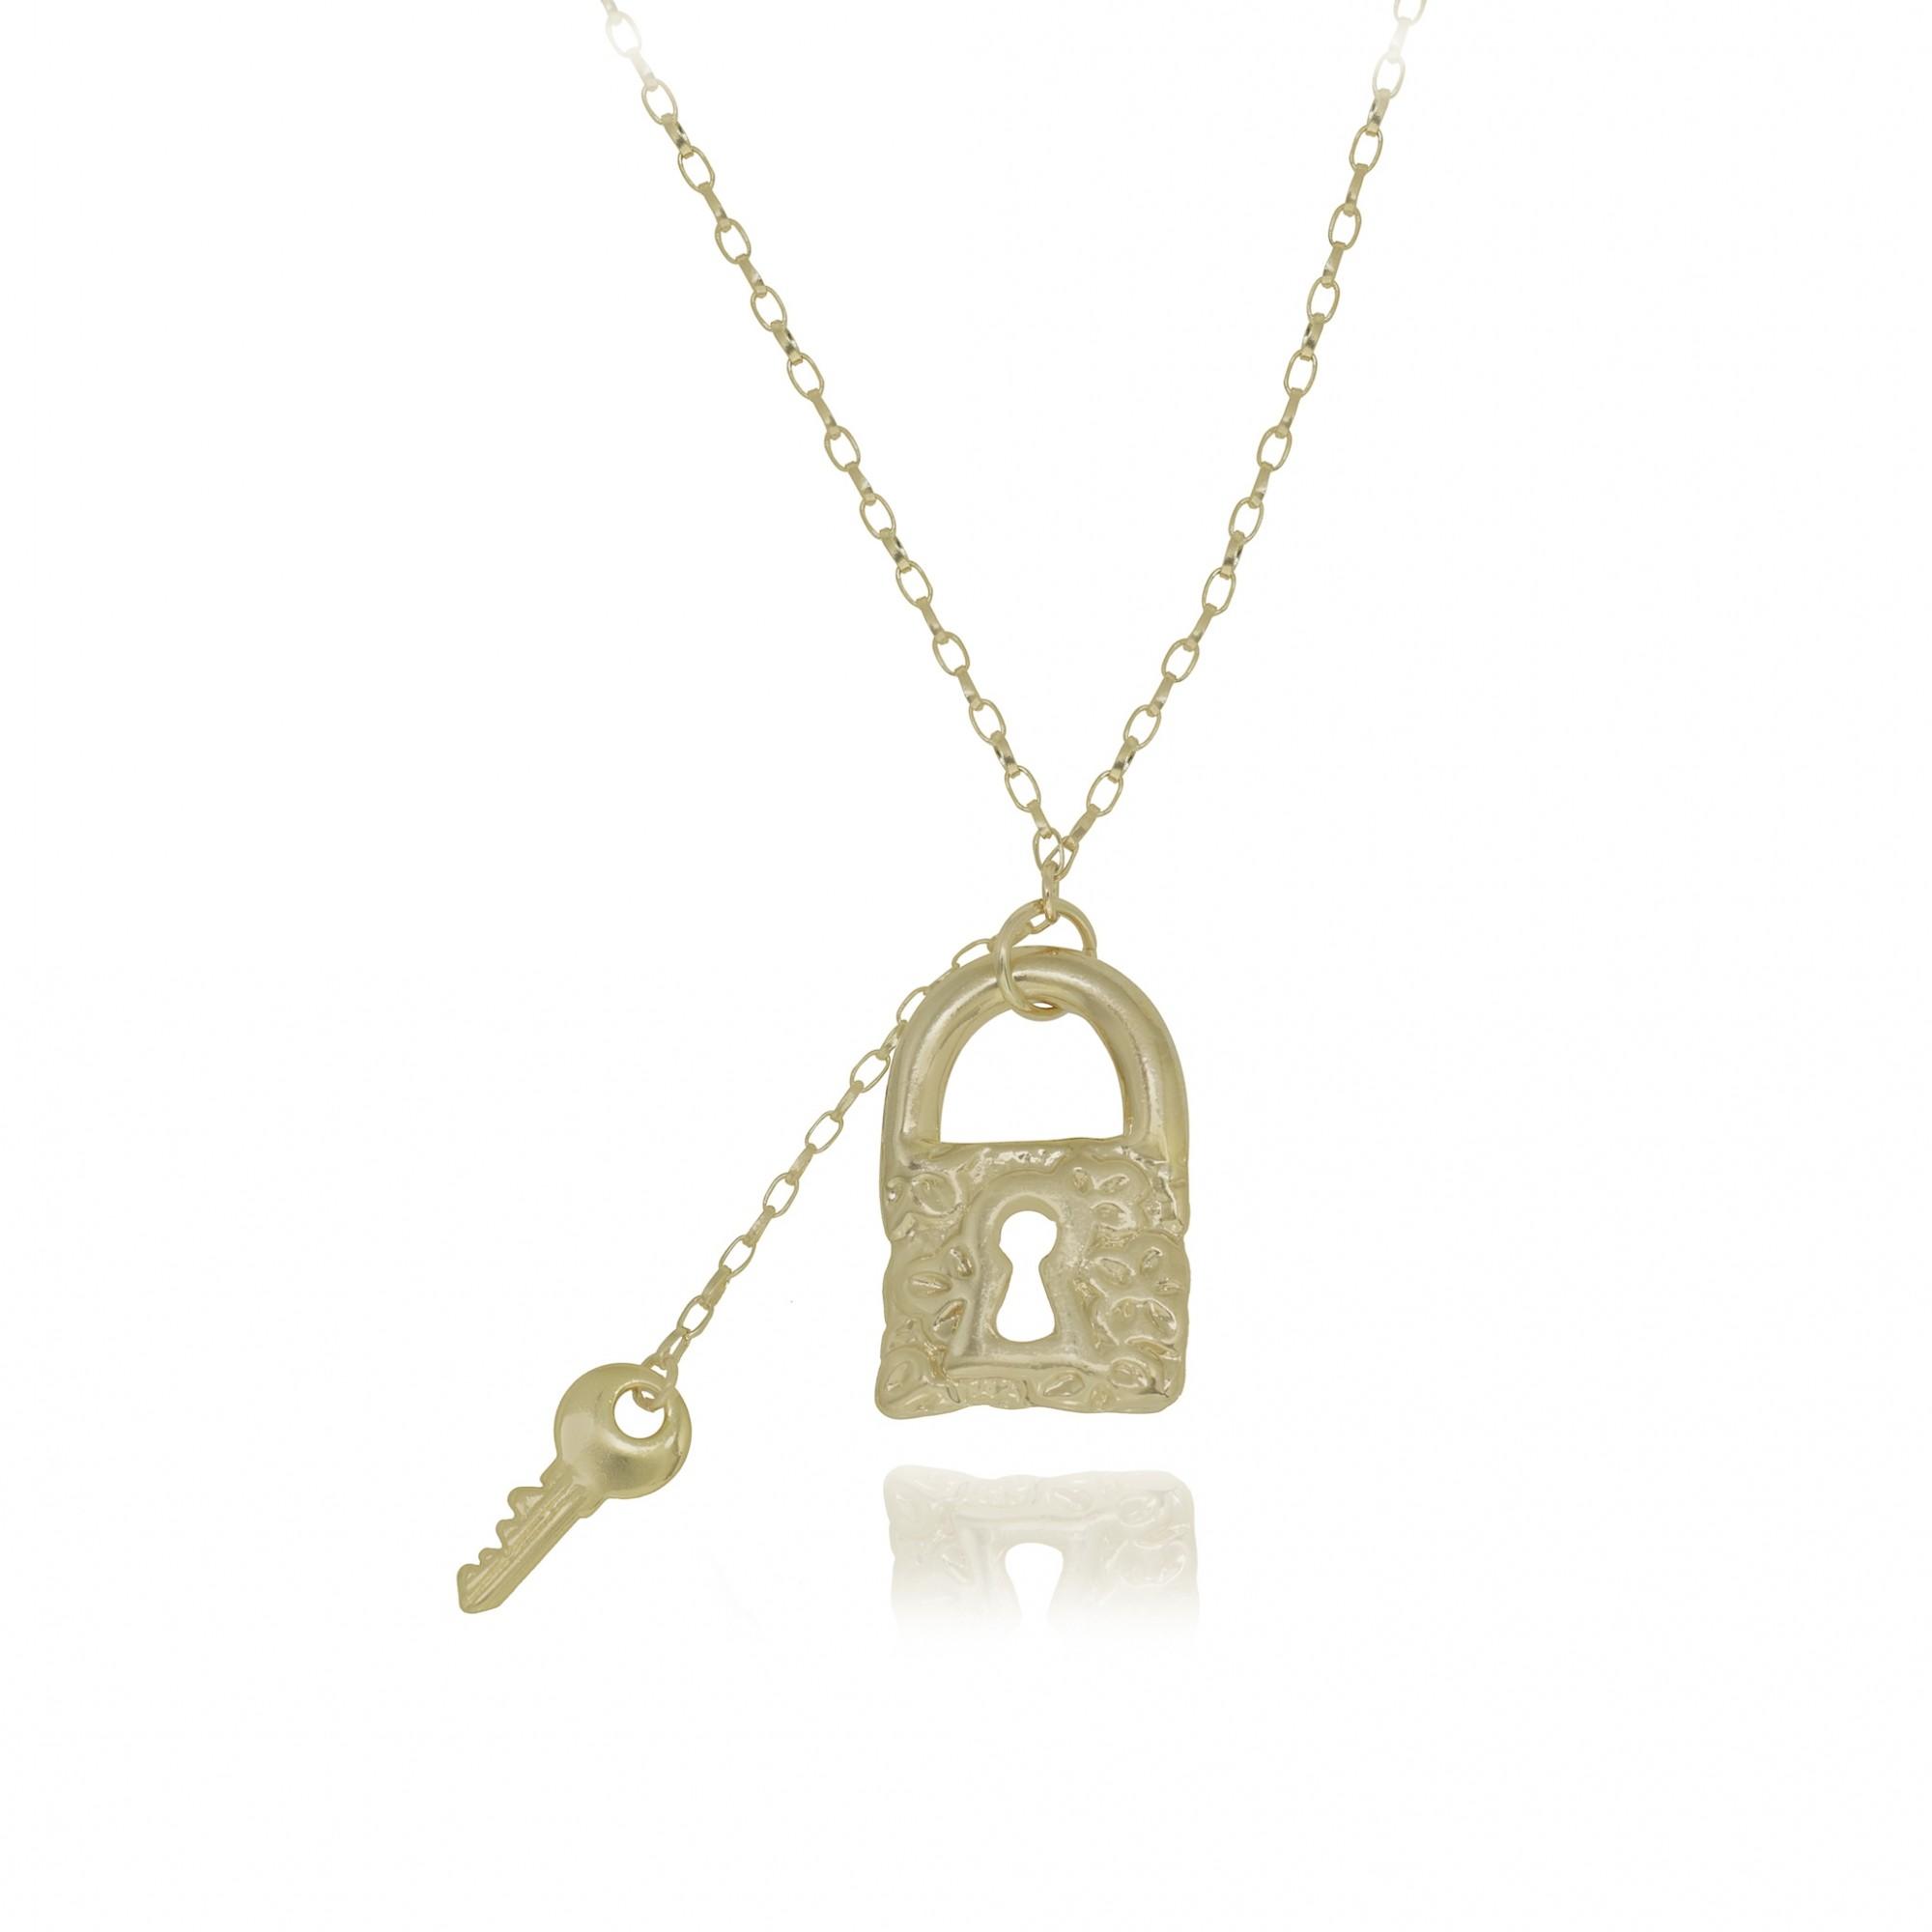 Colar semijoia chave e cadeado folheado a ouro 18k